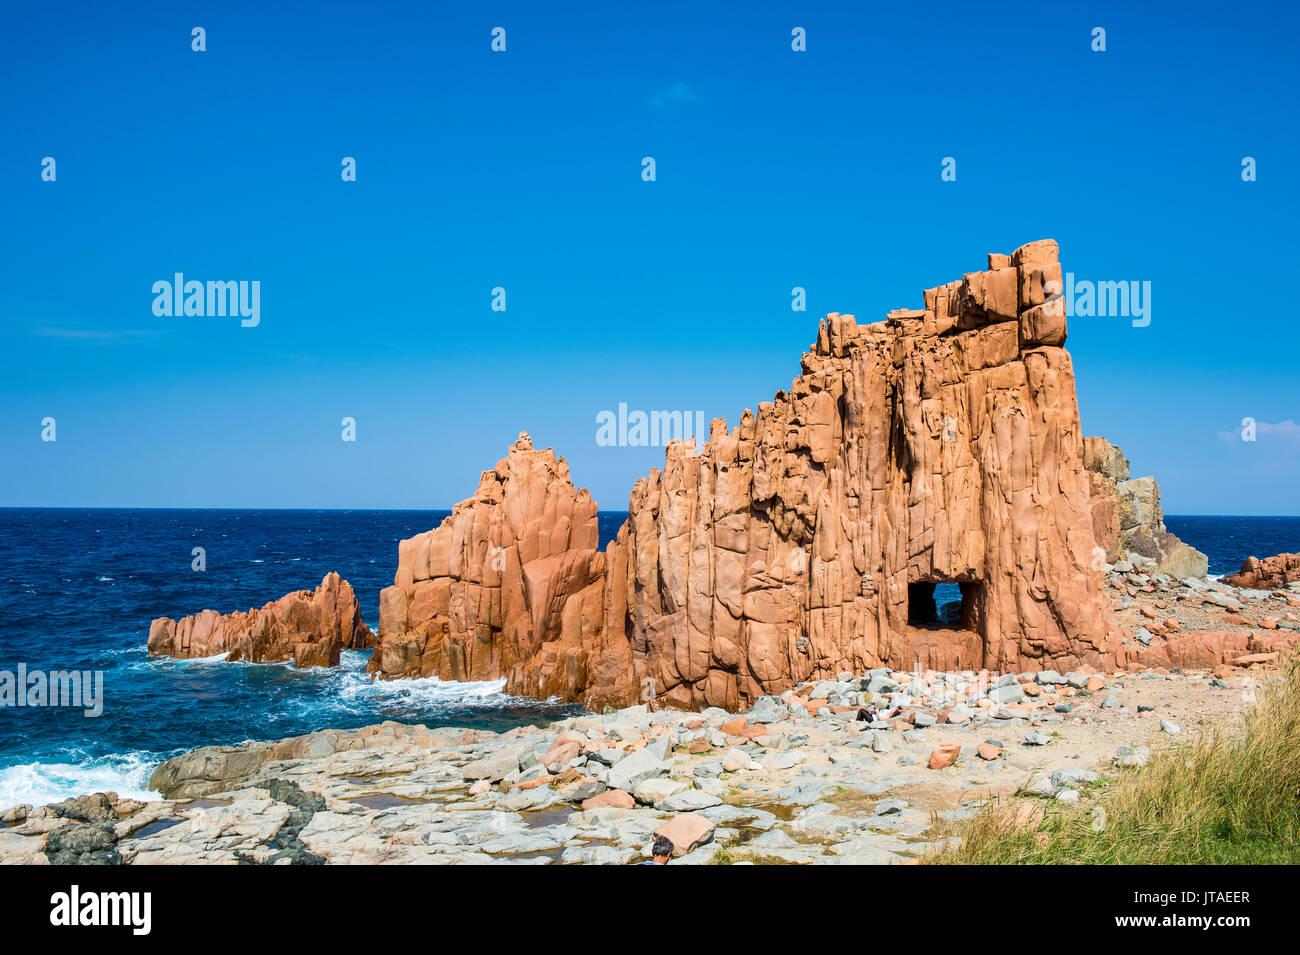 Plage de Rocce Rosse, Arbatax, Sardaigne, Italie, Méditerranée, Europe Banque D'Images